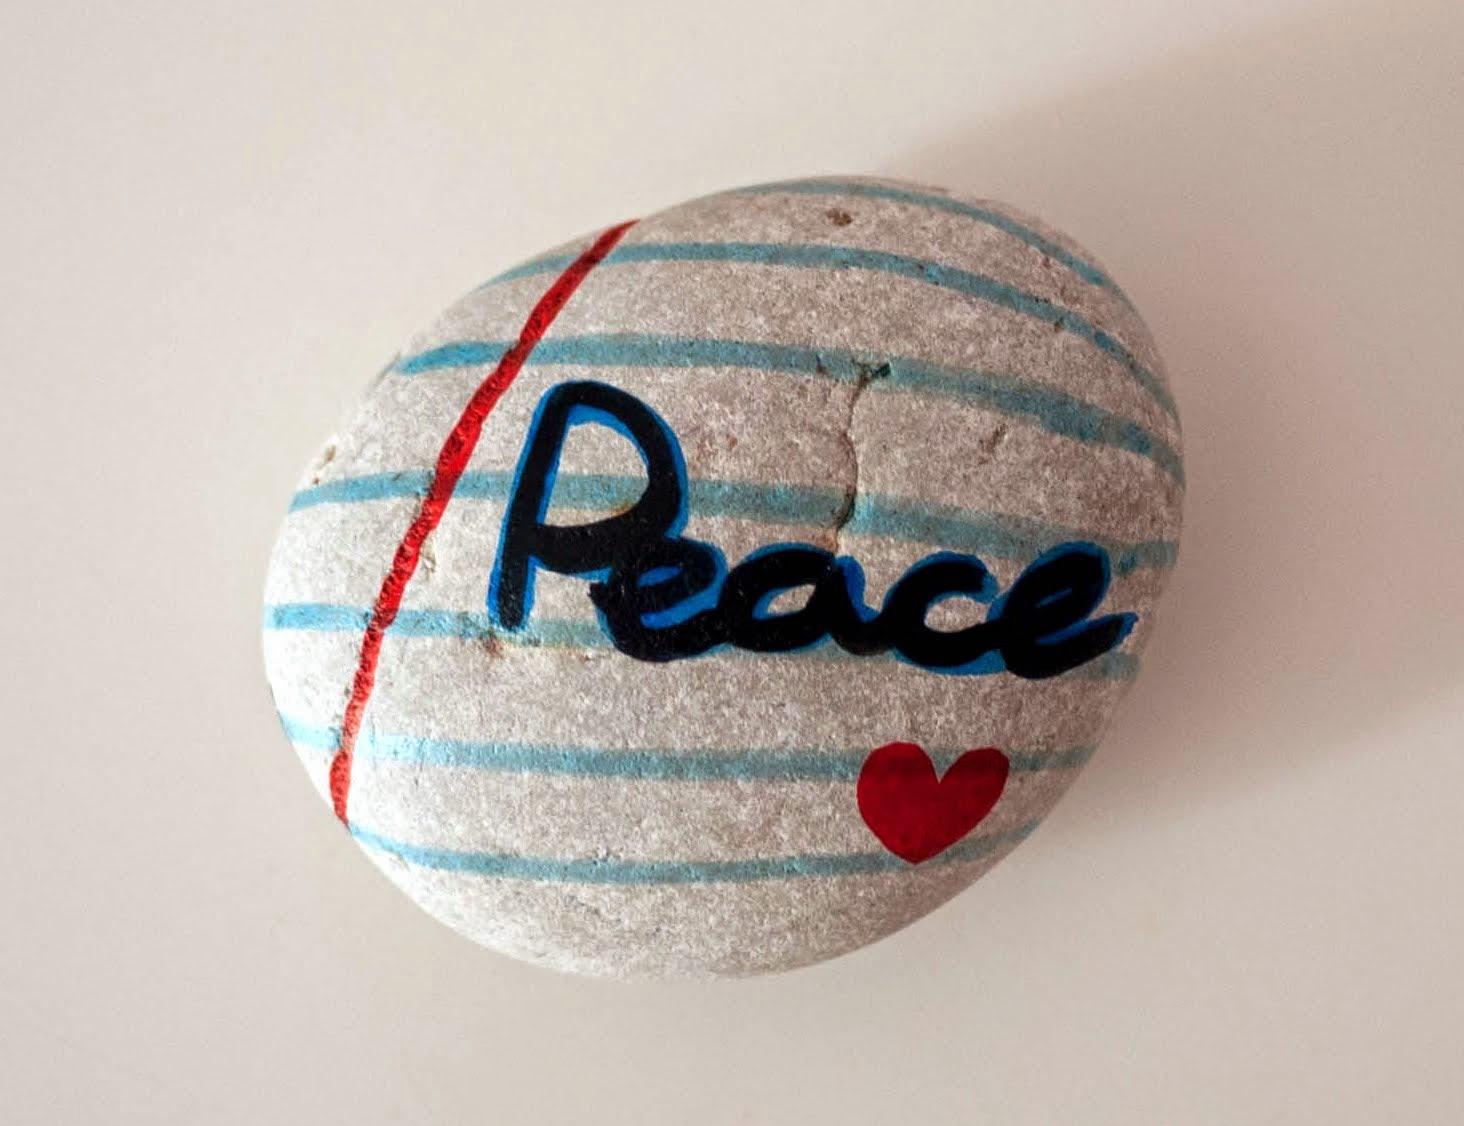 """Piedra con con la palabra """"Peace"""" pintada encima y un corazoncito dibujado en una pauta de hoja escolar."""